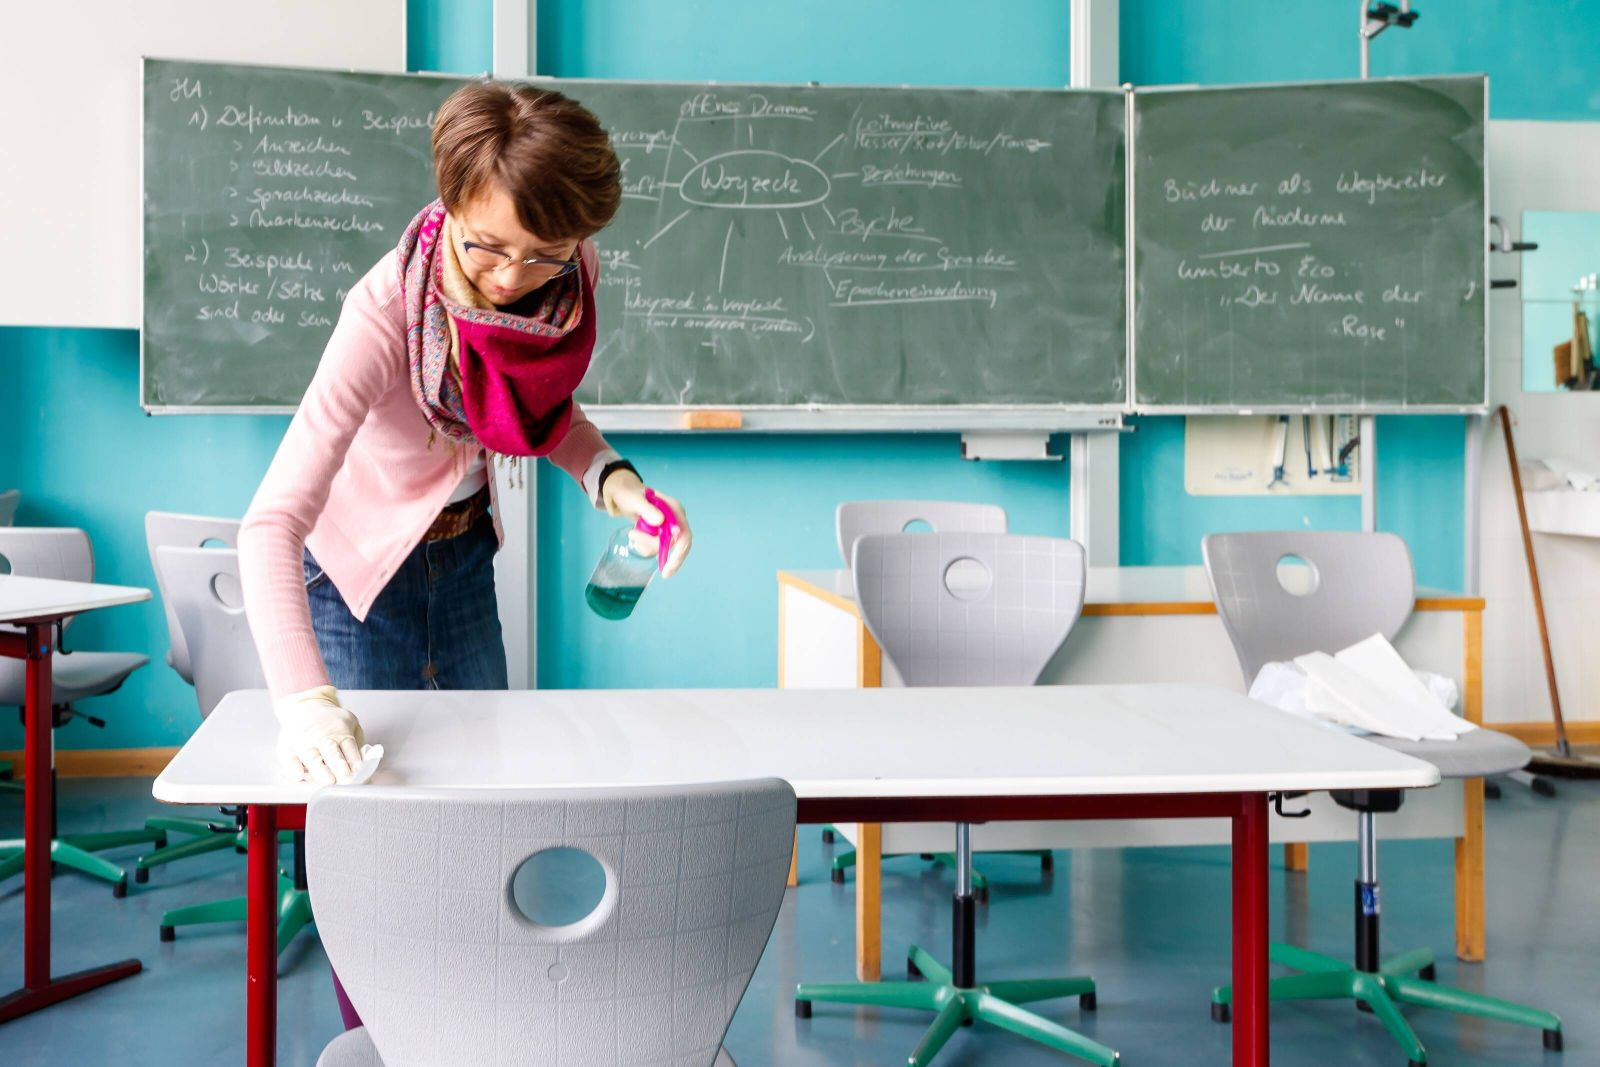 Wiesbaden, Gymnasium, 05.05.2020, Schulalltag in der Corona Zeit, Bevor die Schüler den Klassenraum betreten werden die